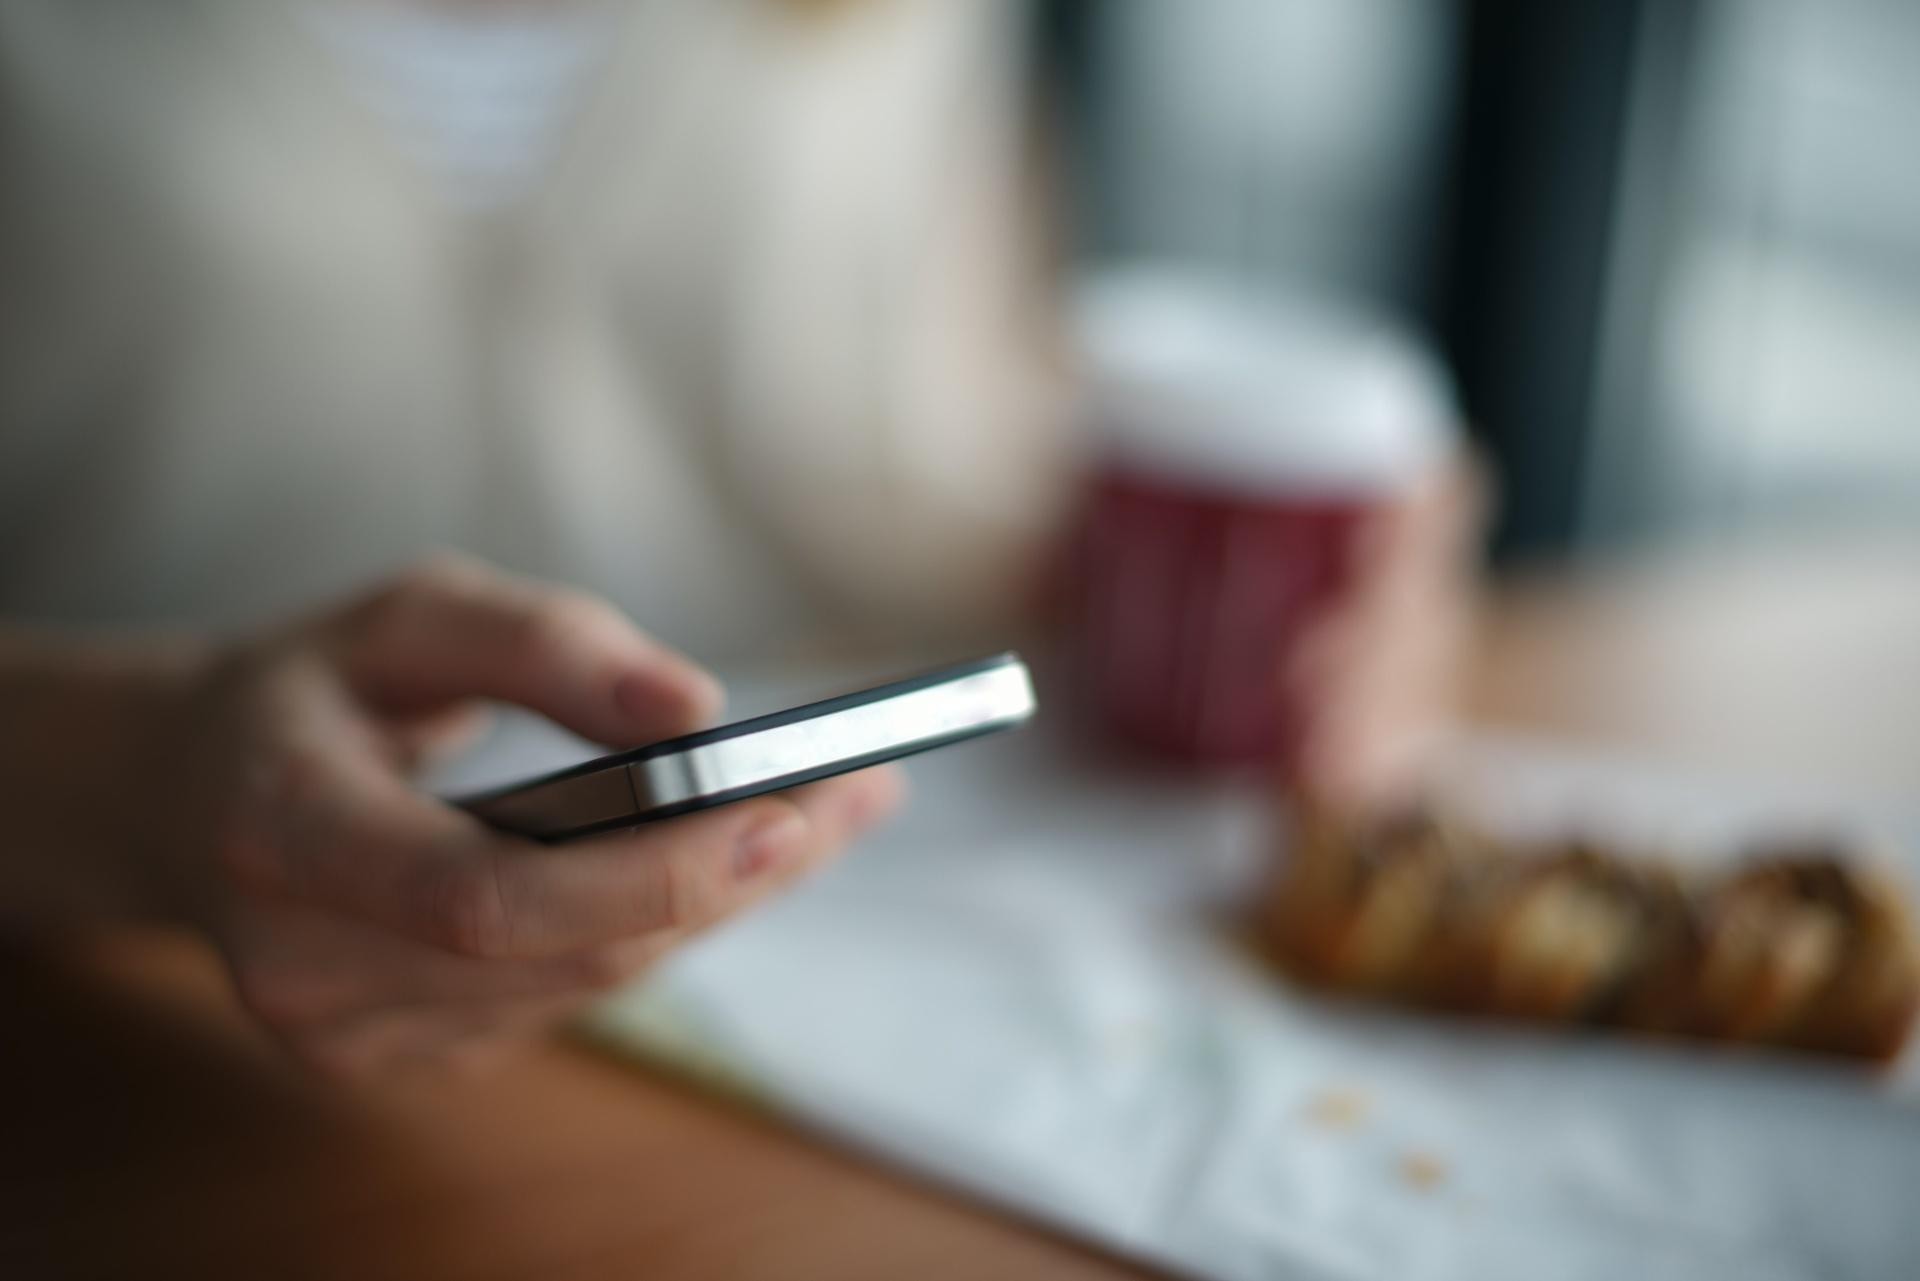 Infobip ermöglicht Unternehmen den Einsatz von Instagram Messaging im Kundendialog_cmm360_Photo by Andrej Lišakov on Unsplash